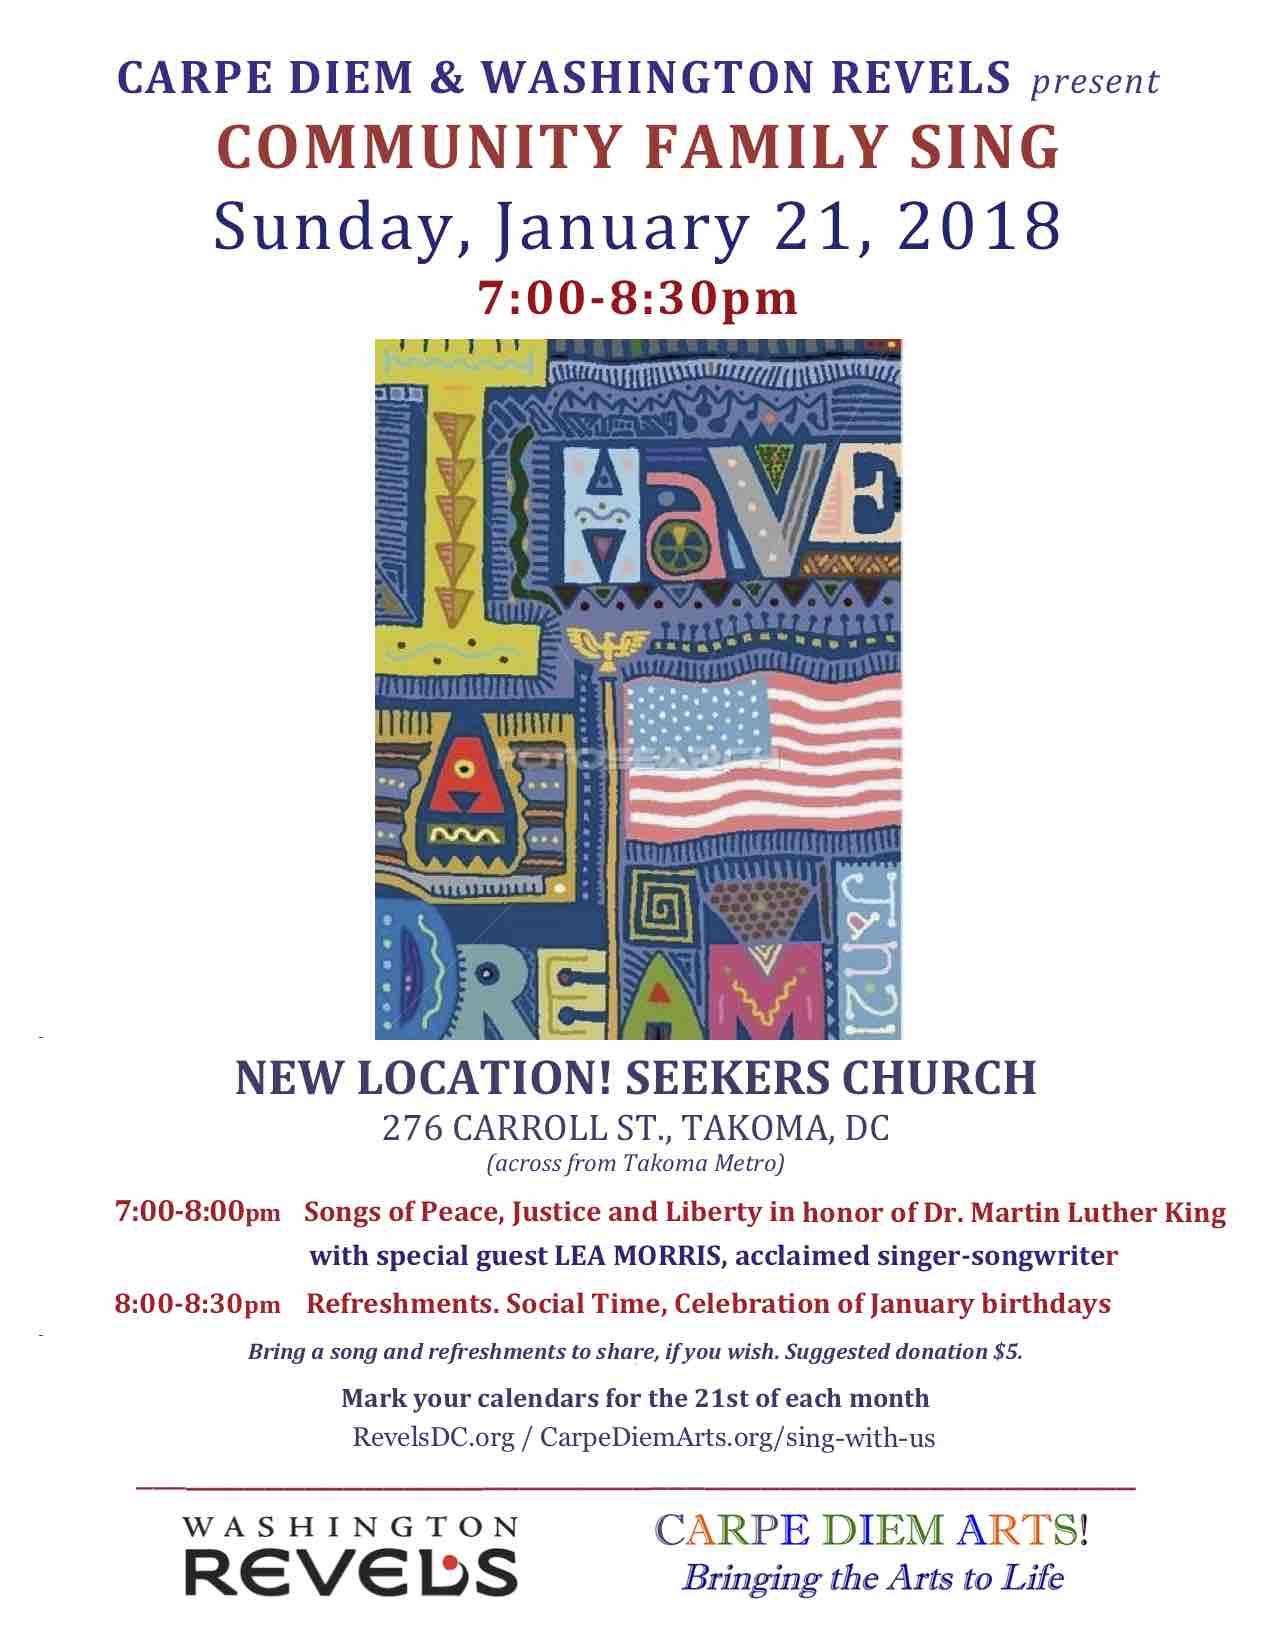 January 21 2018 Carpe Diem Revels Community Family Sing FLYER.jpg